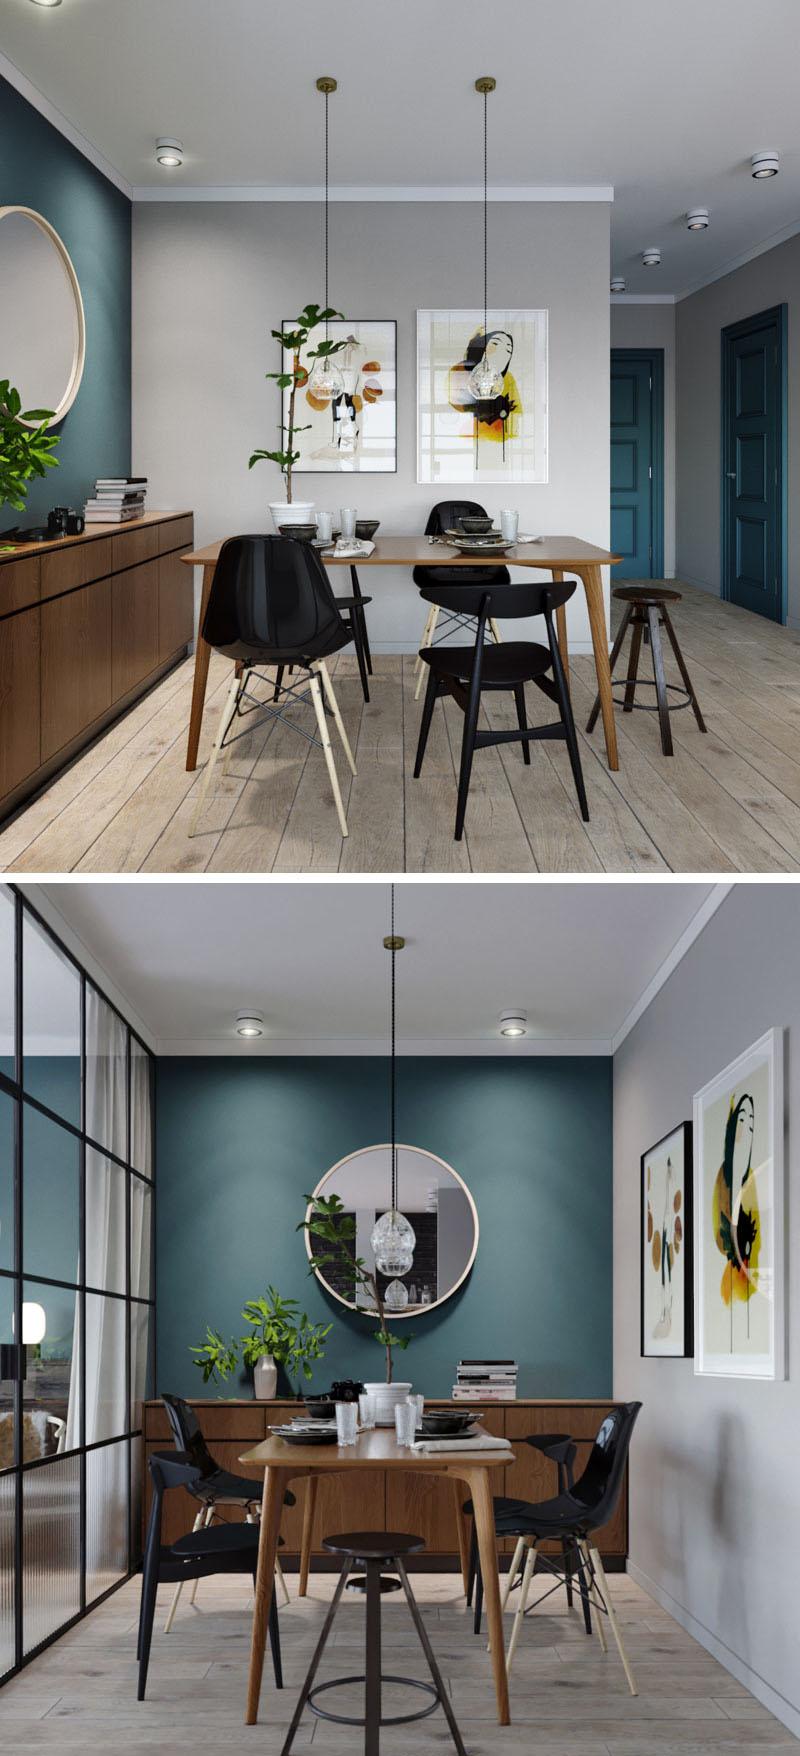 small dining room deep teal accent wall 170517 924 03 1 - CĂN HỘ RỘNG HƠN VỚI KHUNG KÍNH ĐEN THAY CHO VÁCH NGĂN